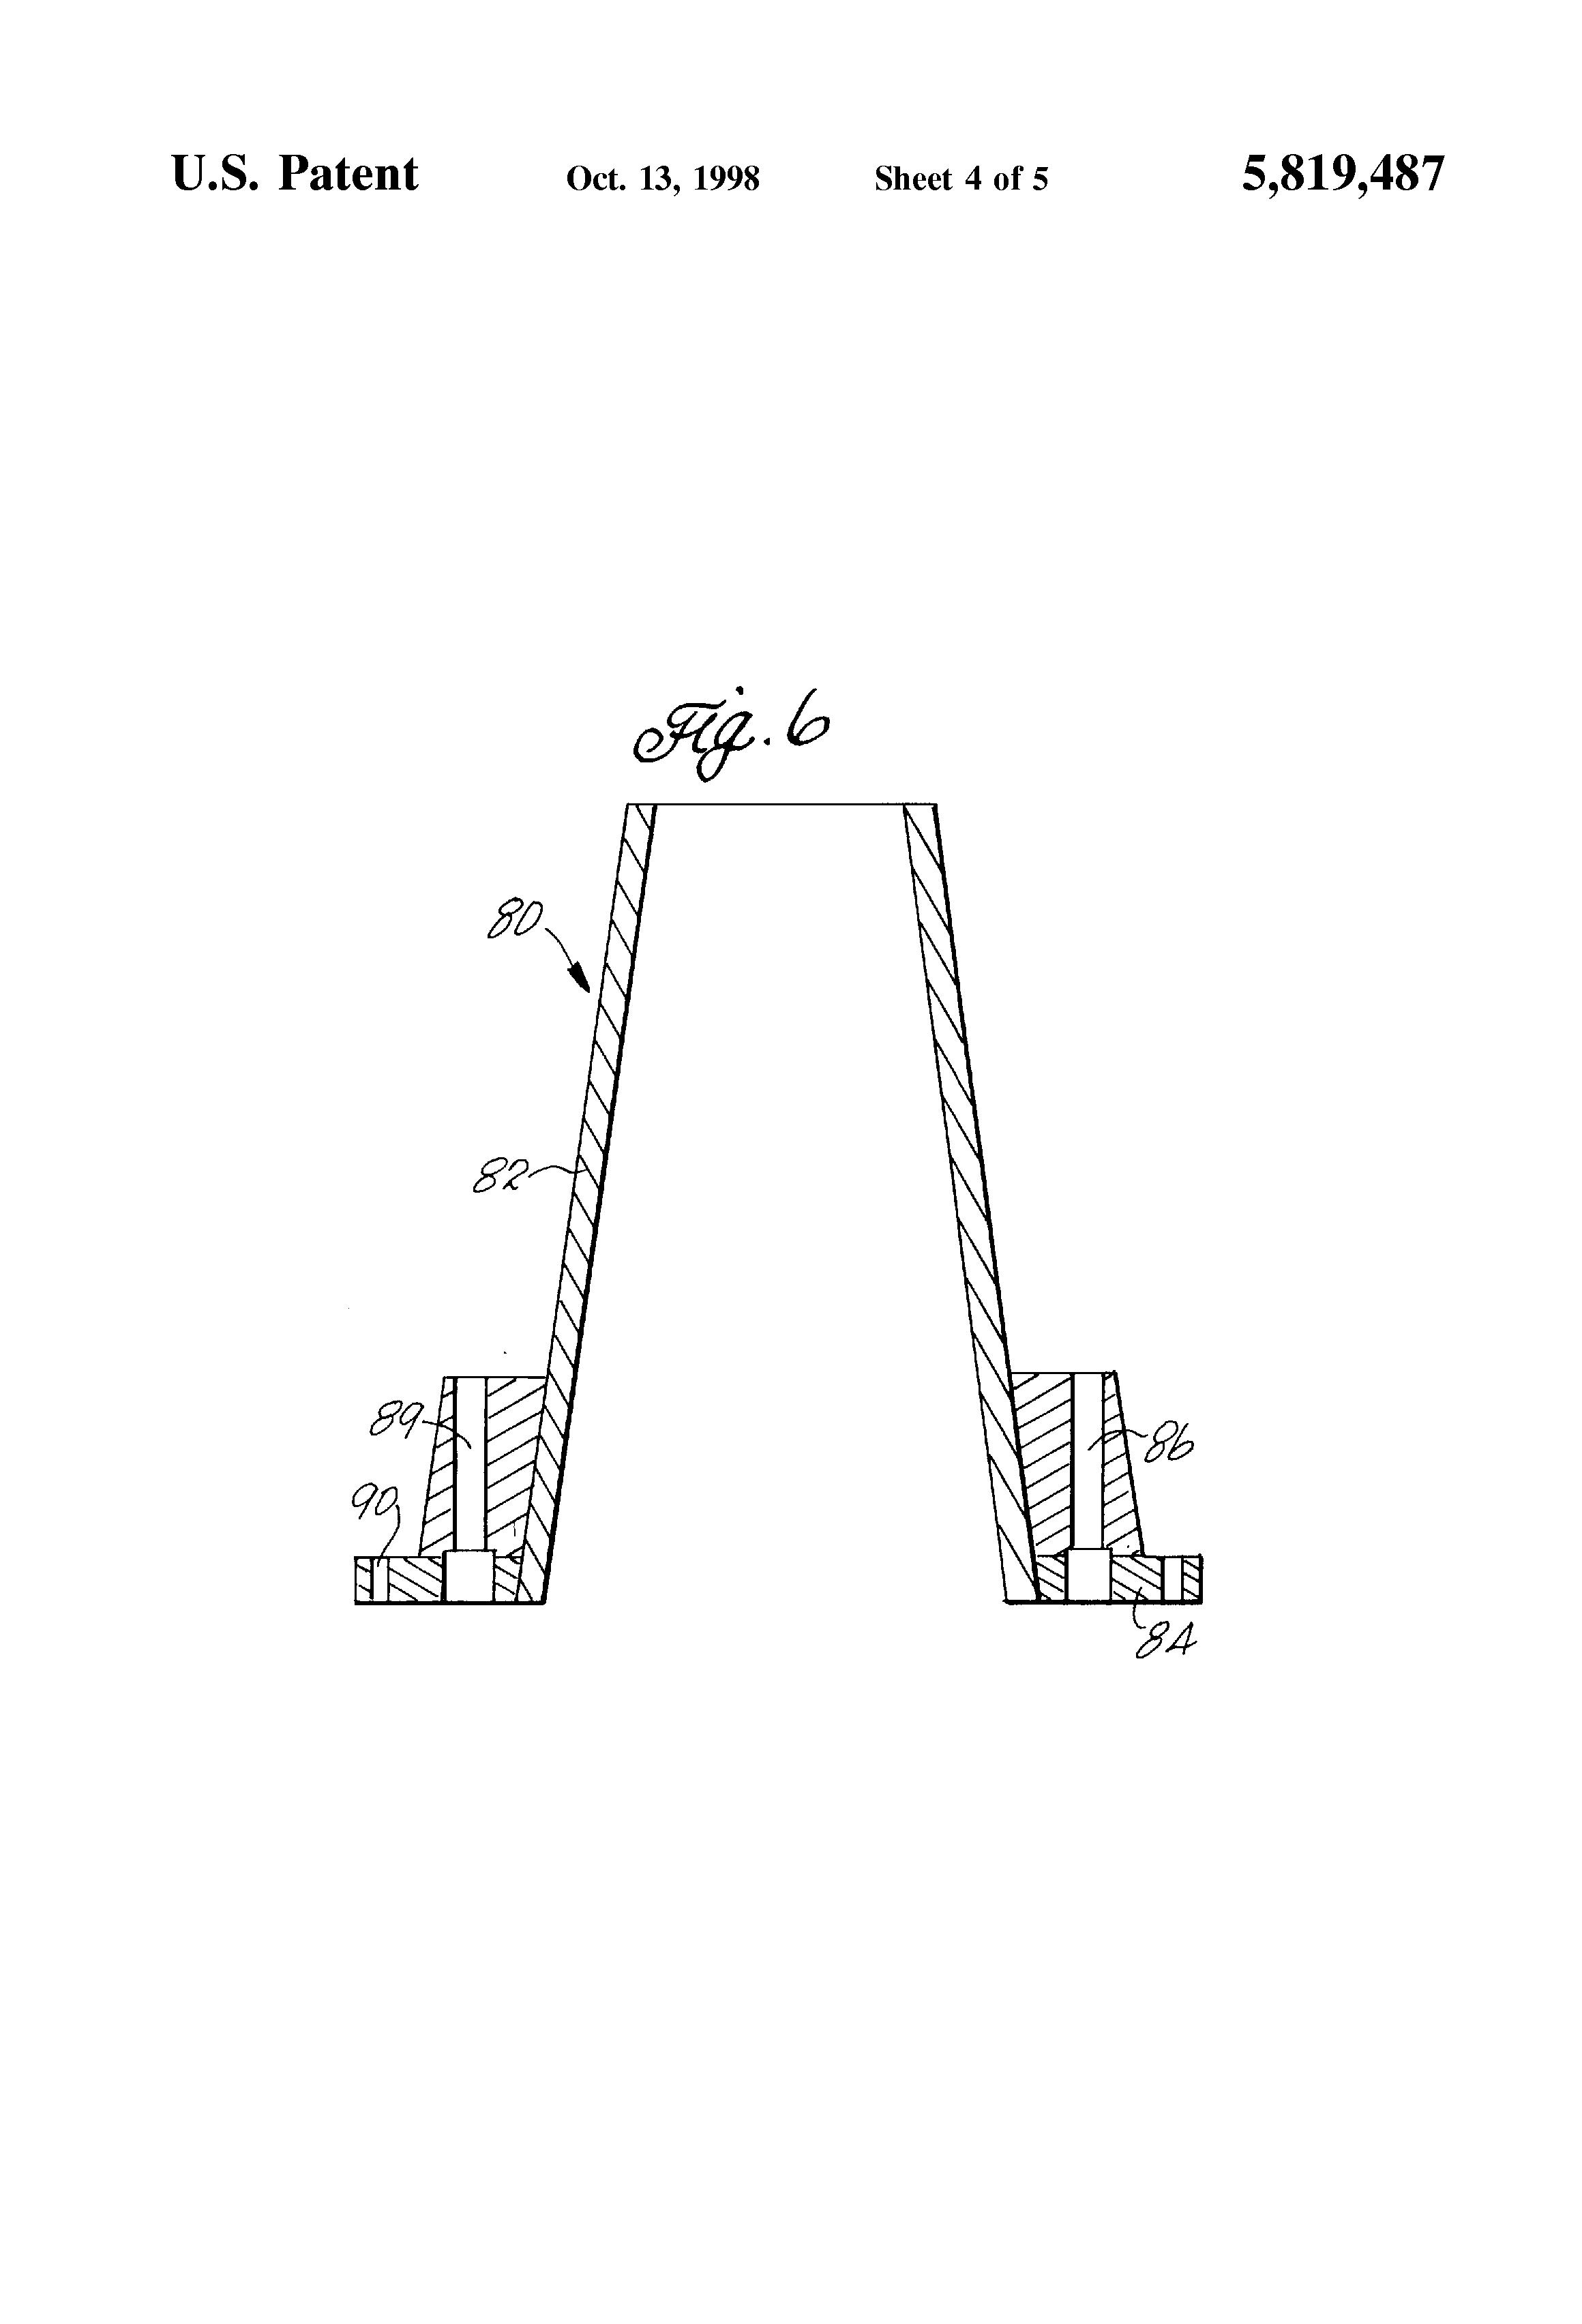 Ameron Concrete Poles : Patent us prestressed concrete poles with